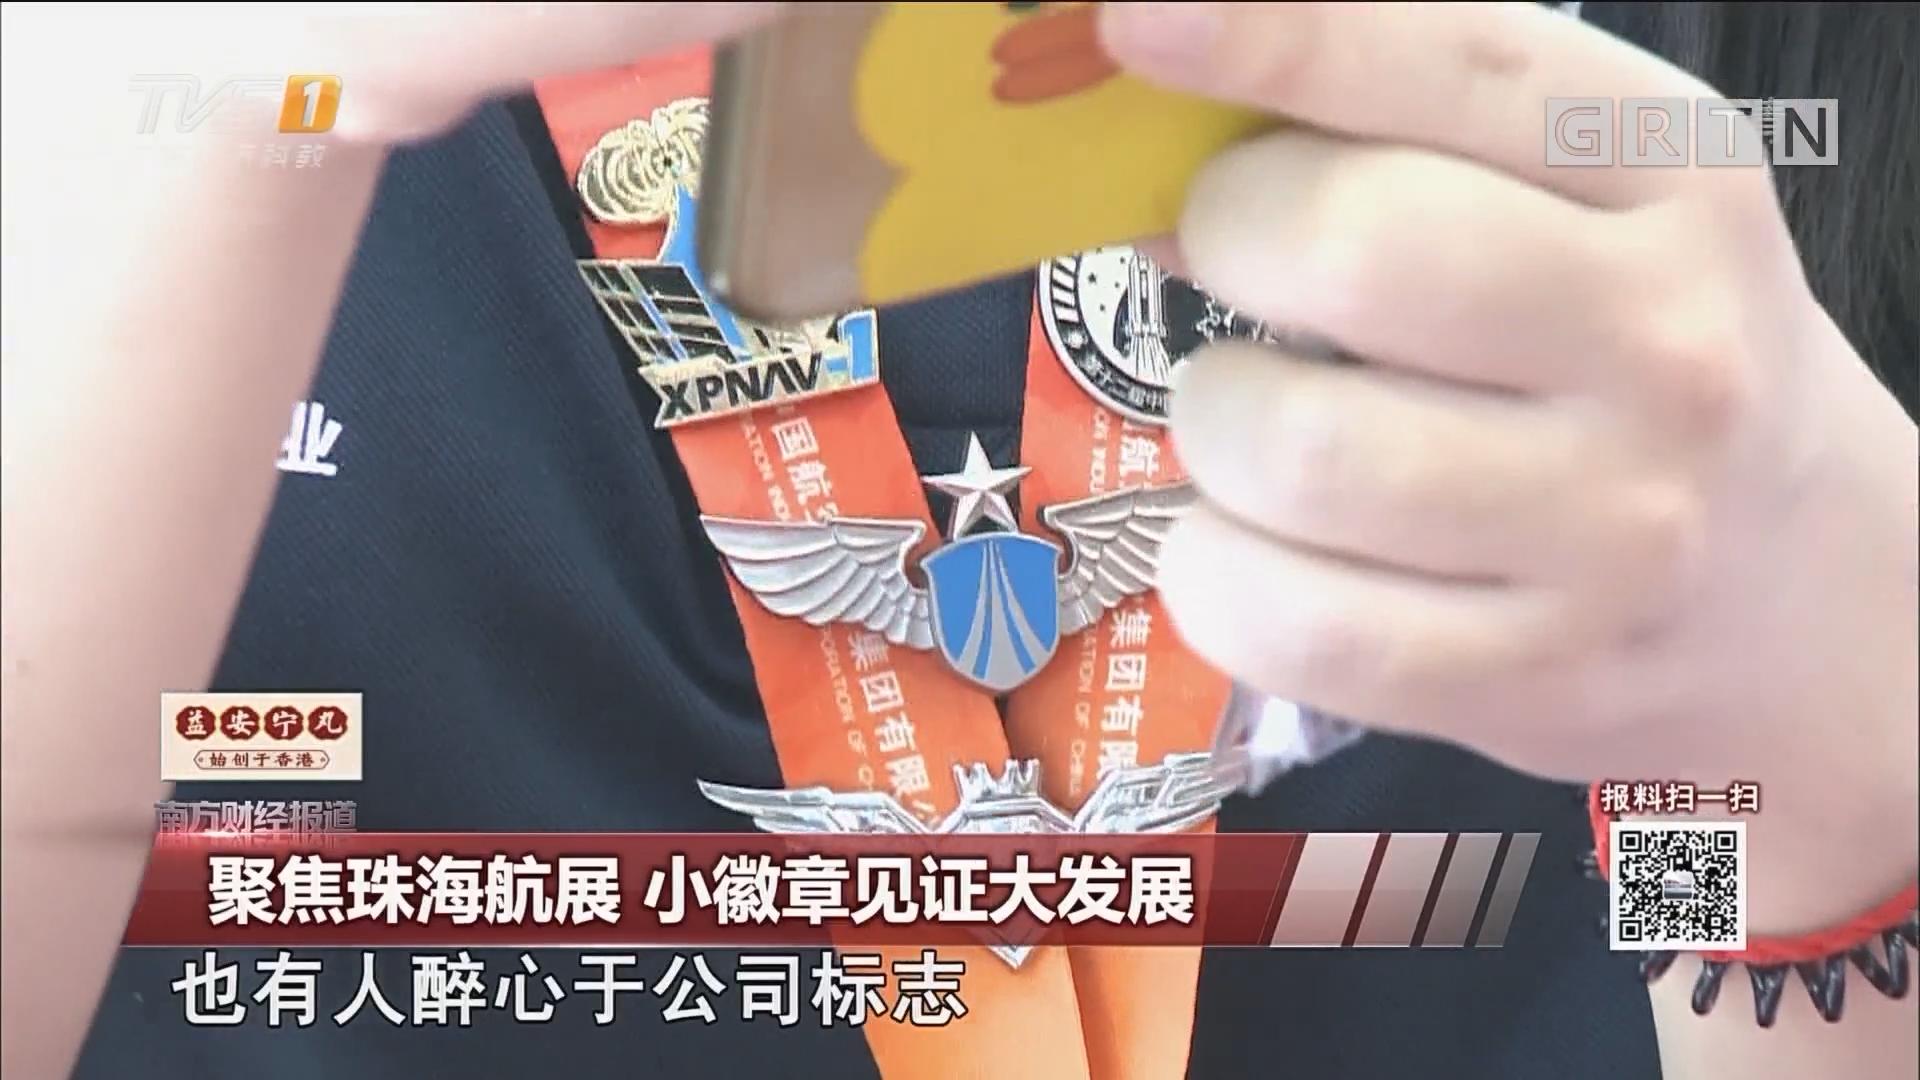 聚焦珠海航展 小徽章见证大发展